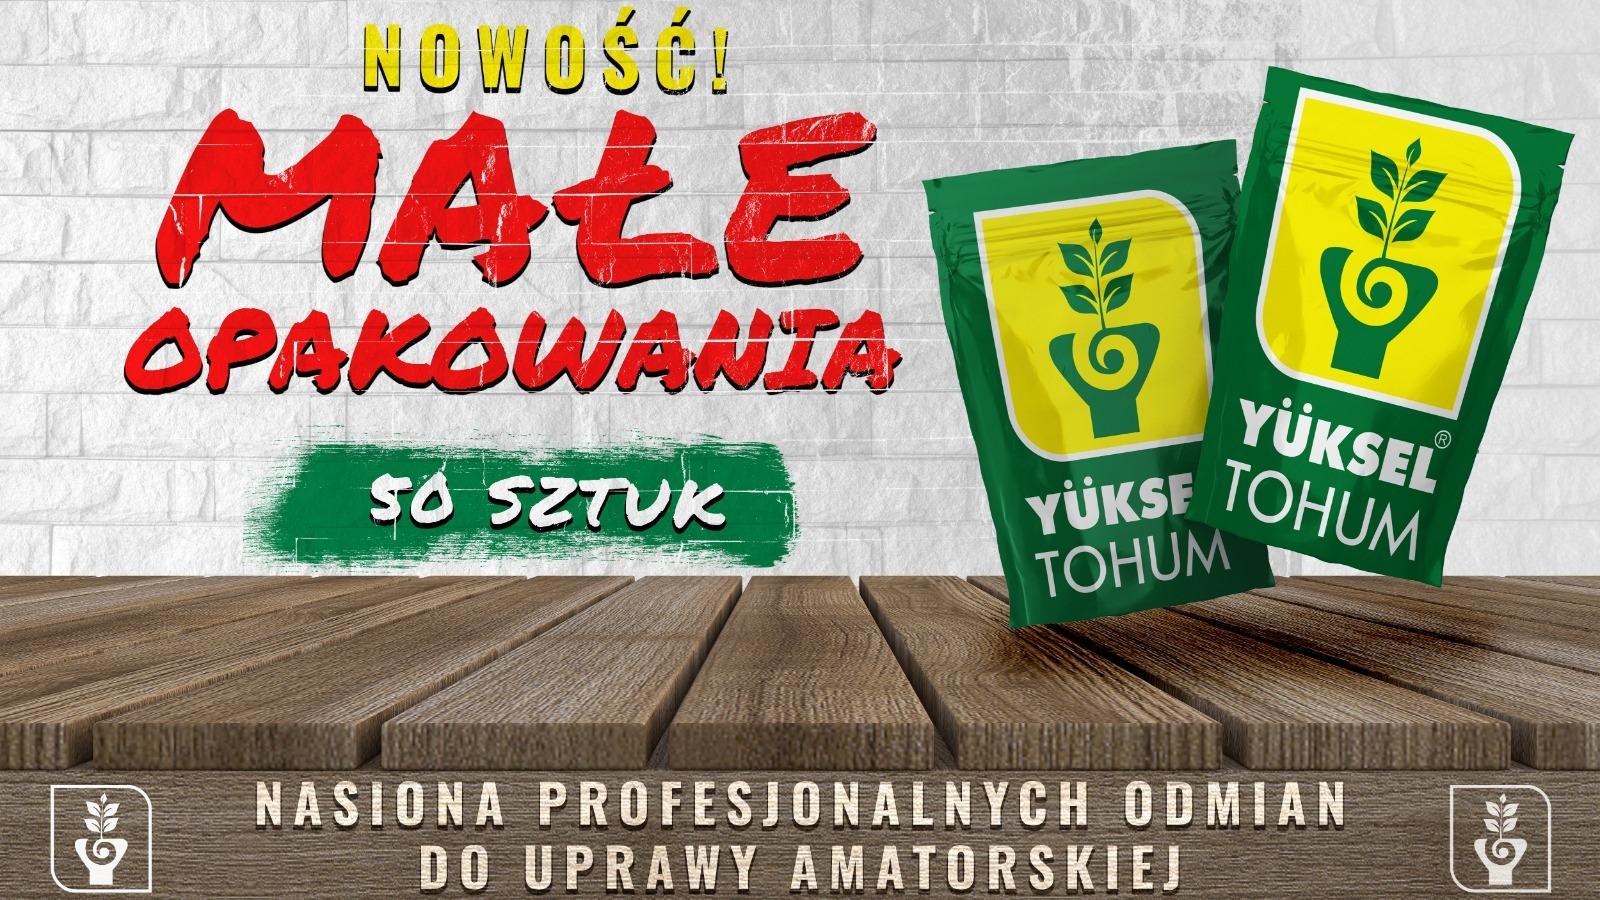 Wychodząc naprzeciw Państwa oczekiwaniom, Yuksel Tohum Polska wprowadza do swoje...